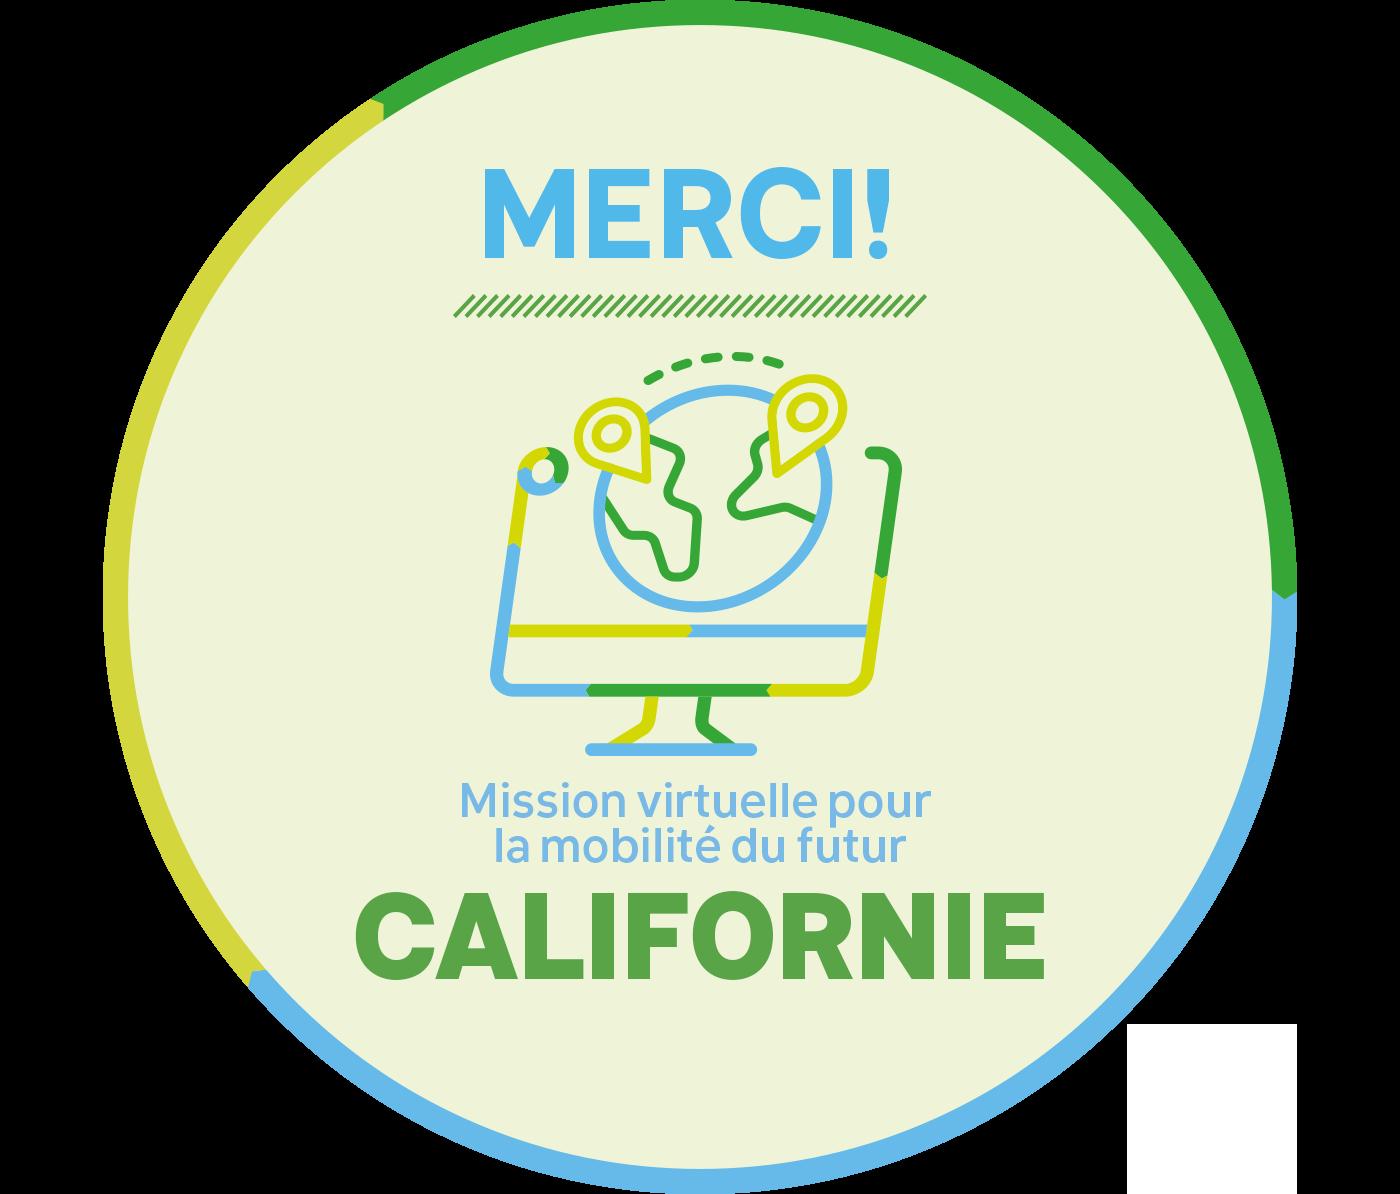 Mission virtuelle pour la mobilité du futur en Californie